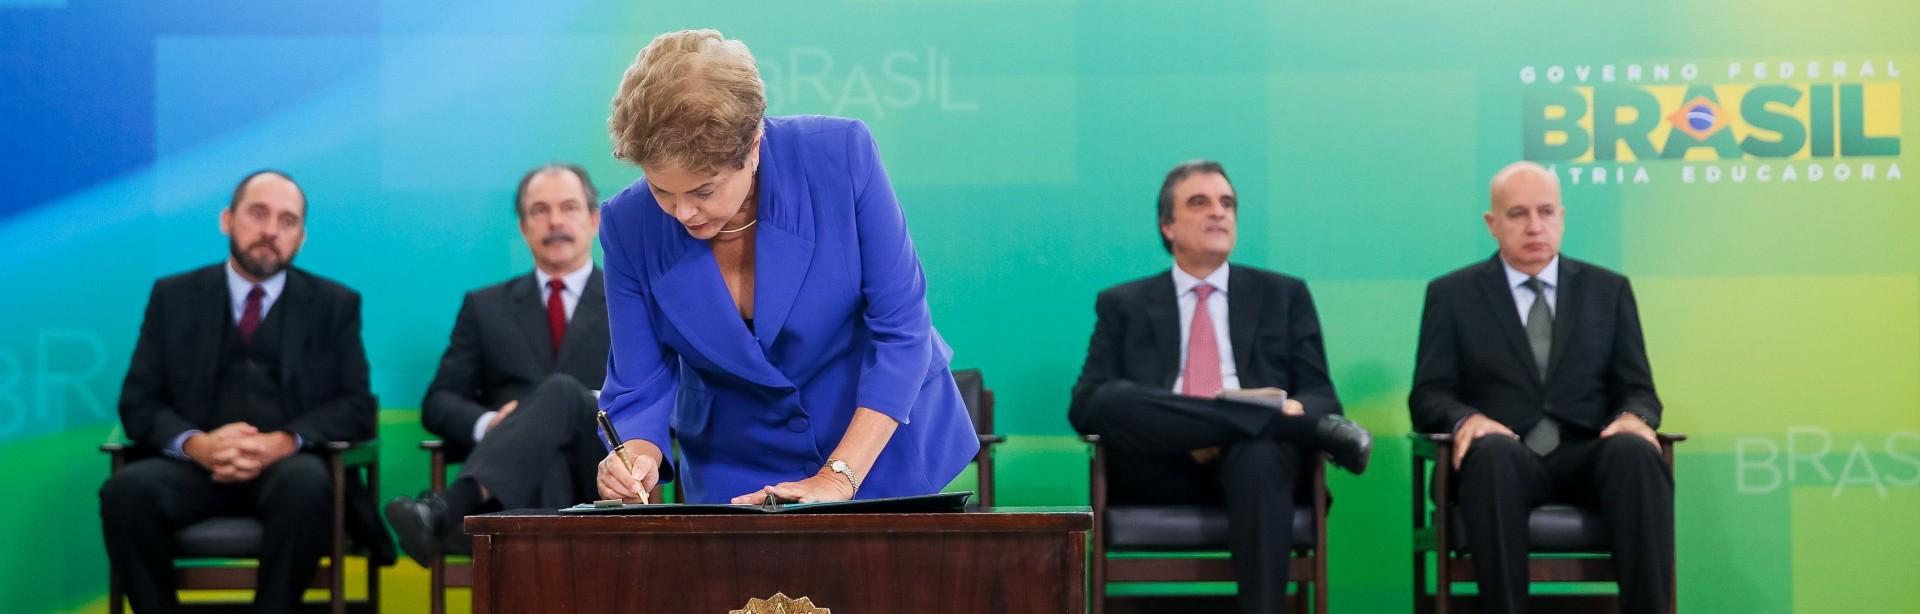 Presidente Dilma Rousseff assinando novas medidas para ultrapassar a crise.